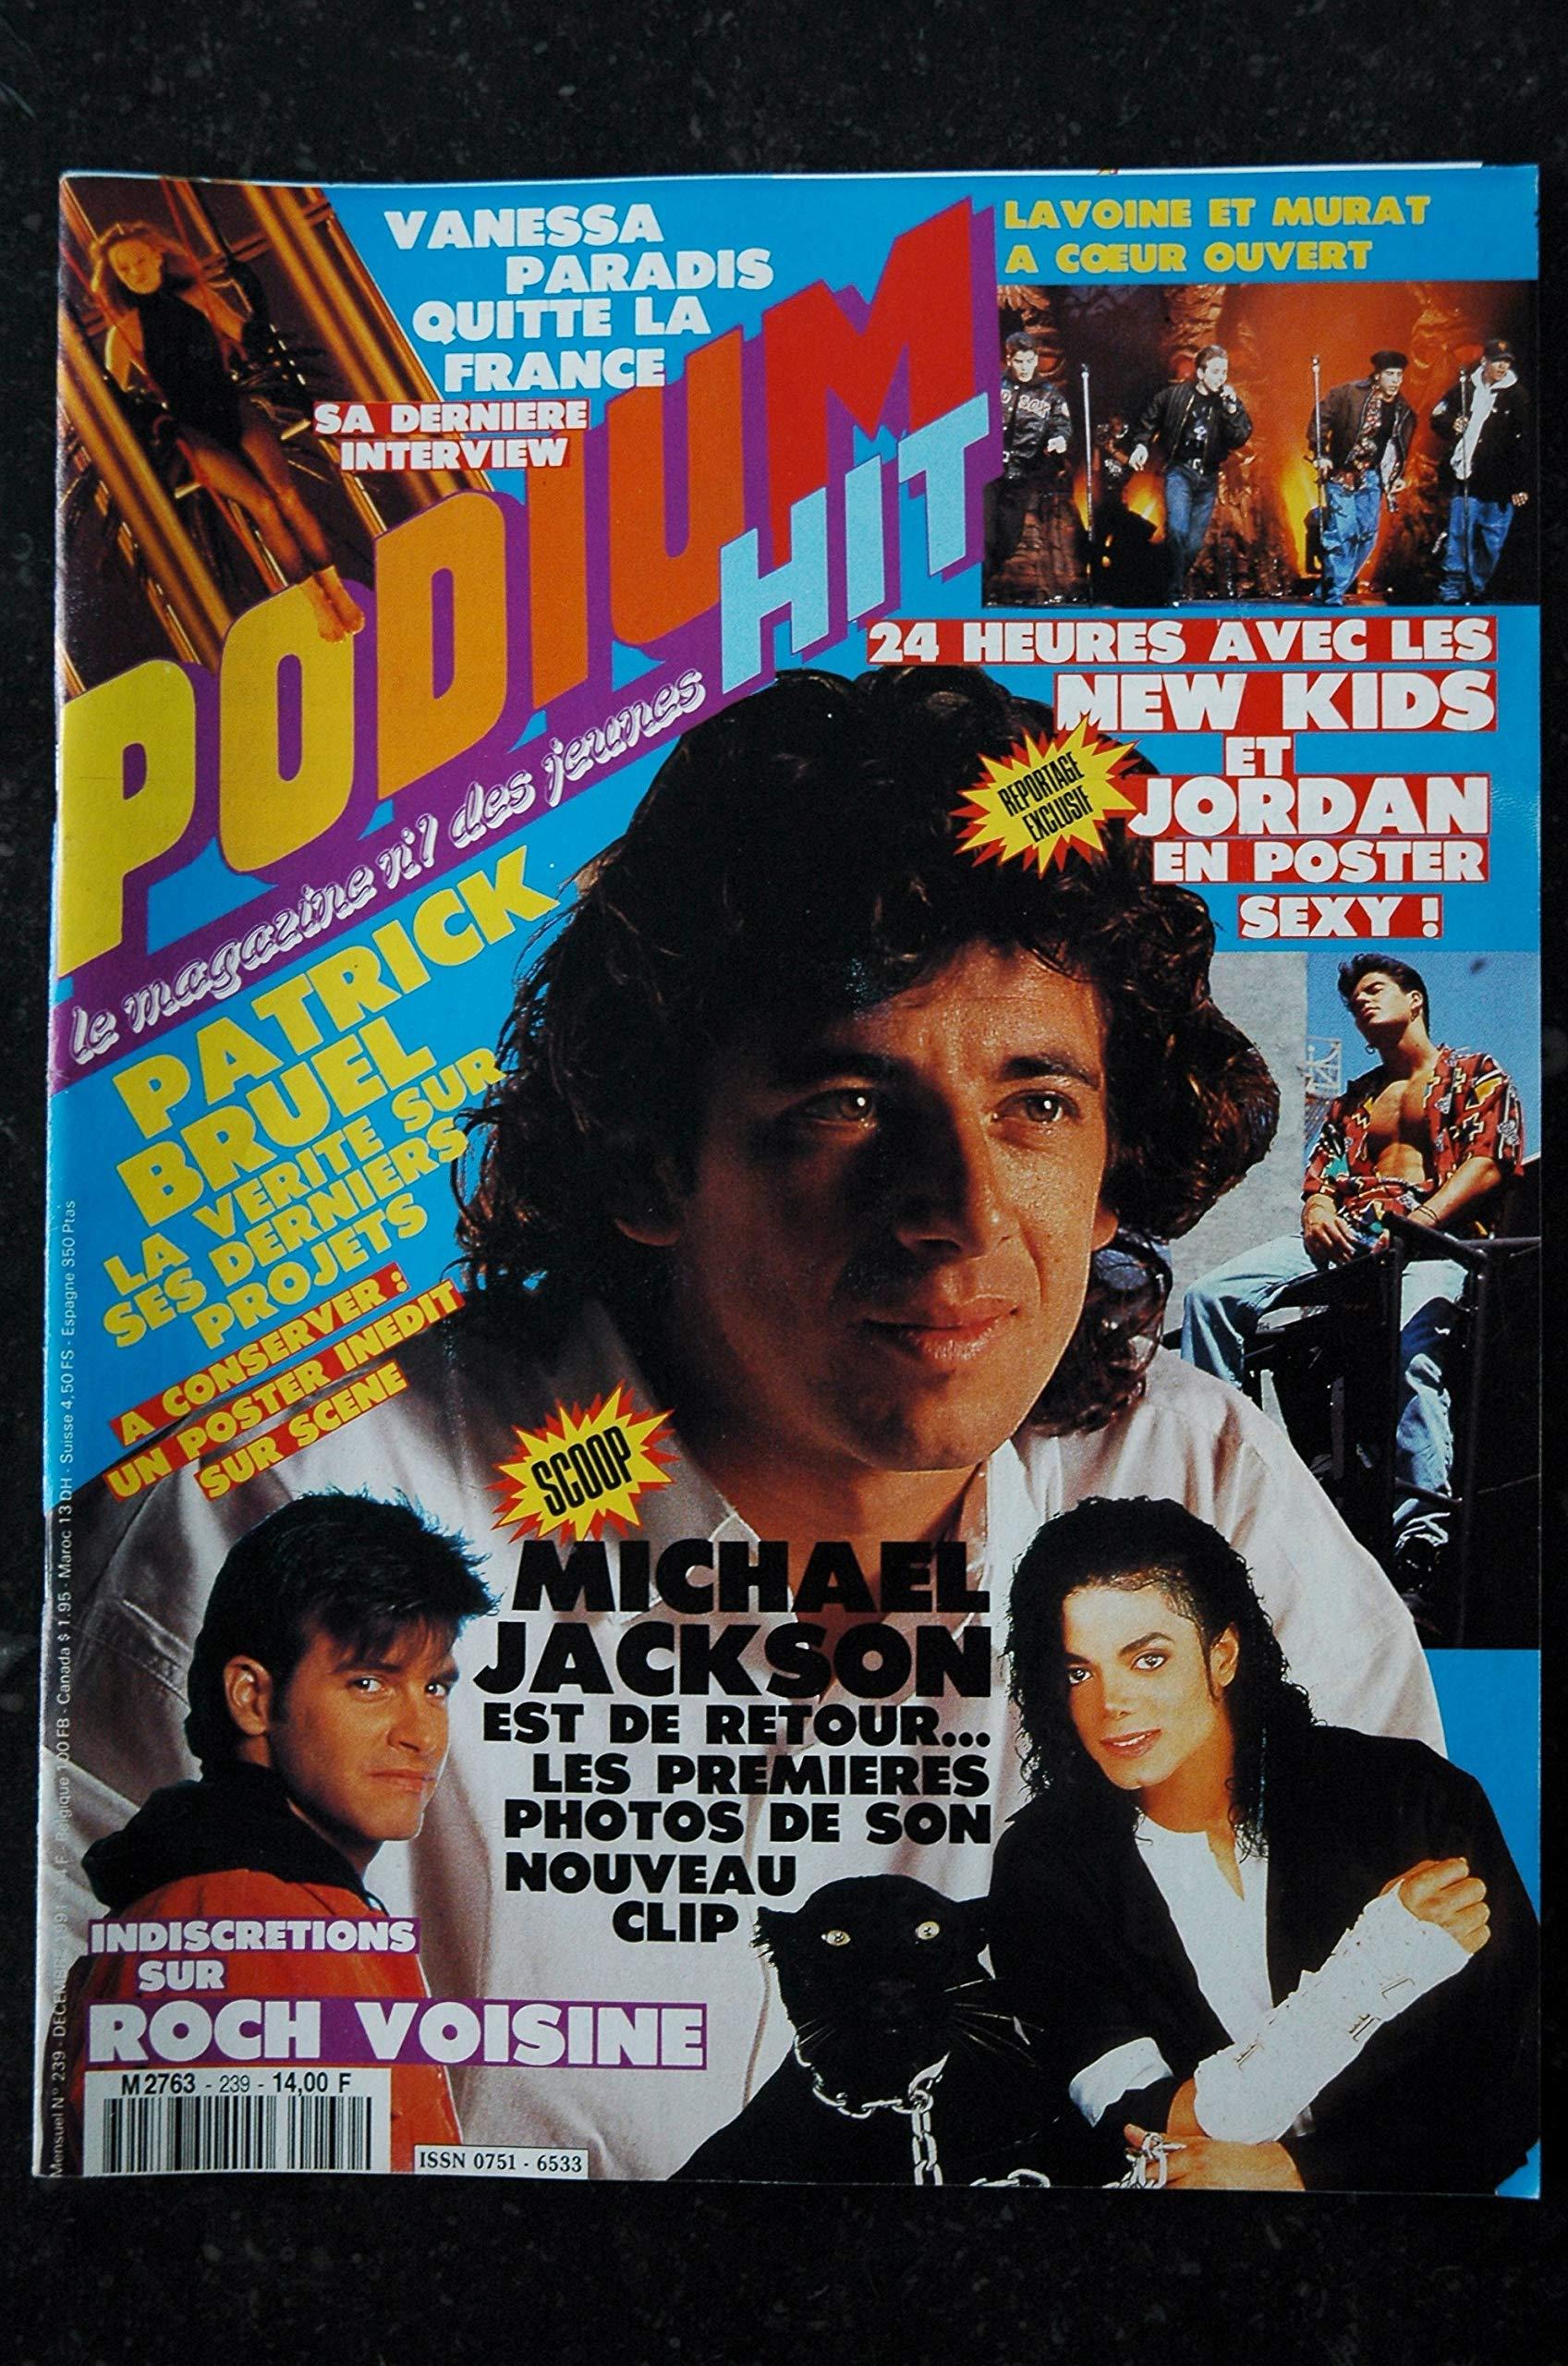 Podium Hit 239 Decembre 1991 Michael Jackson Vanessa Paradis Roch Voisine Patrick Bruel Marc Lavoine Enzo Enzo Les Tresors D Emmanuelle 3701315978264 Amazon Com Books